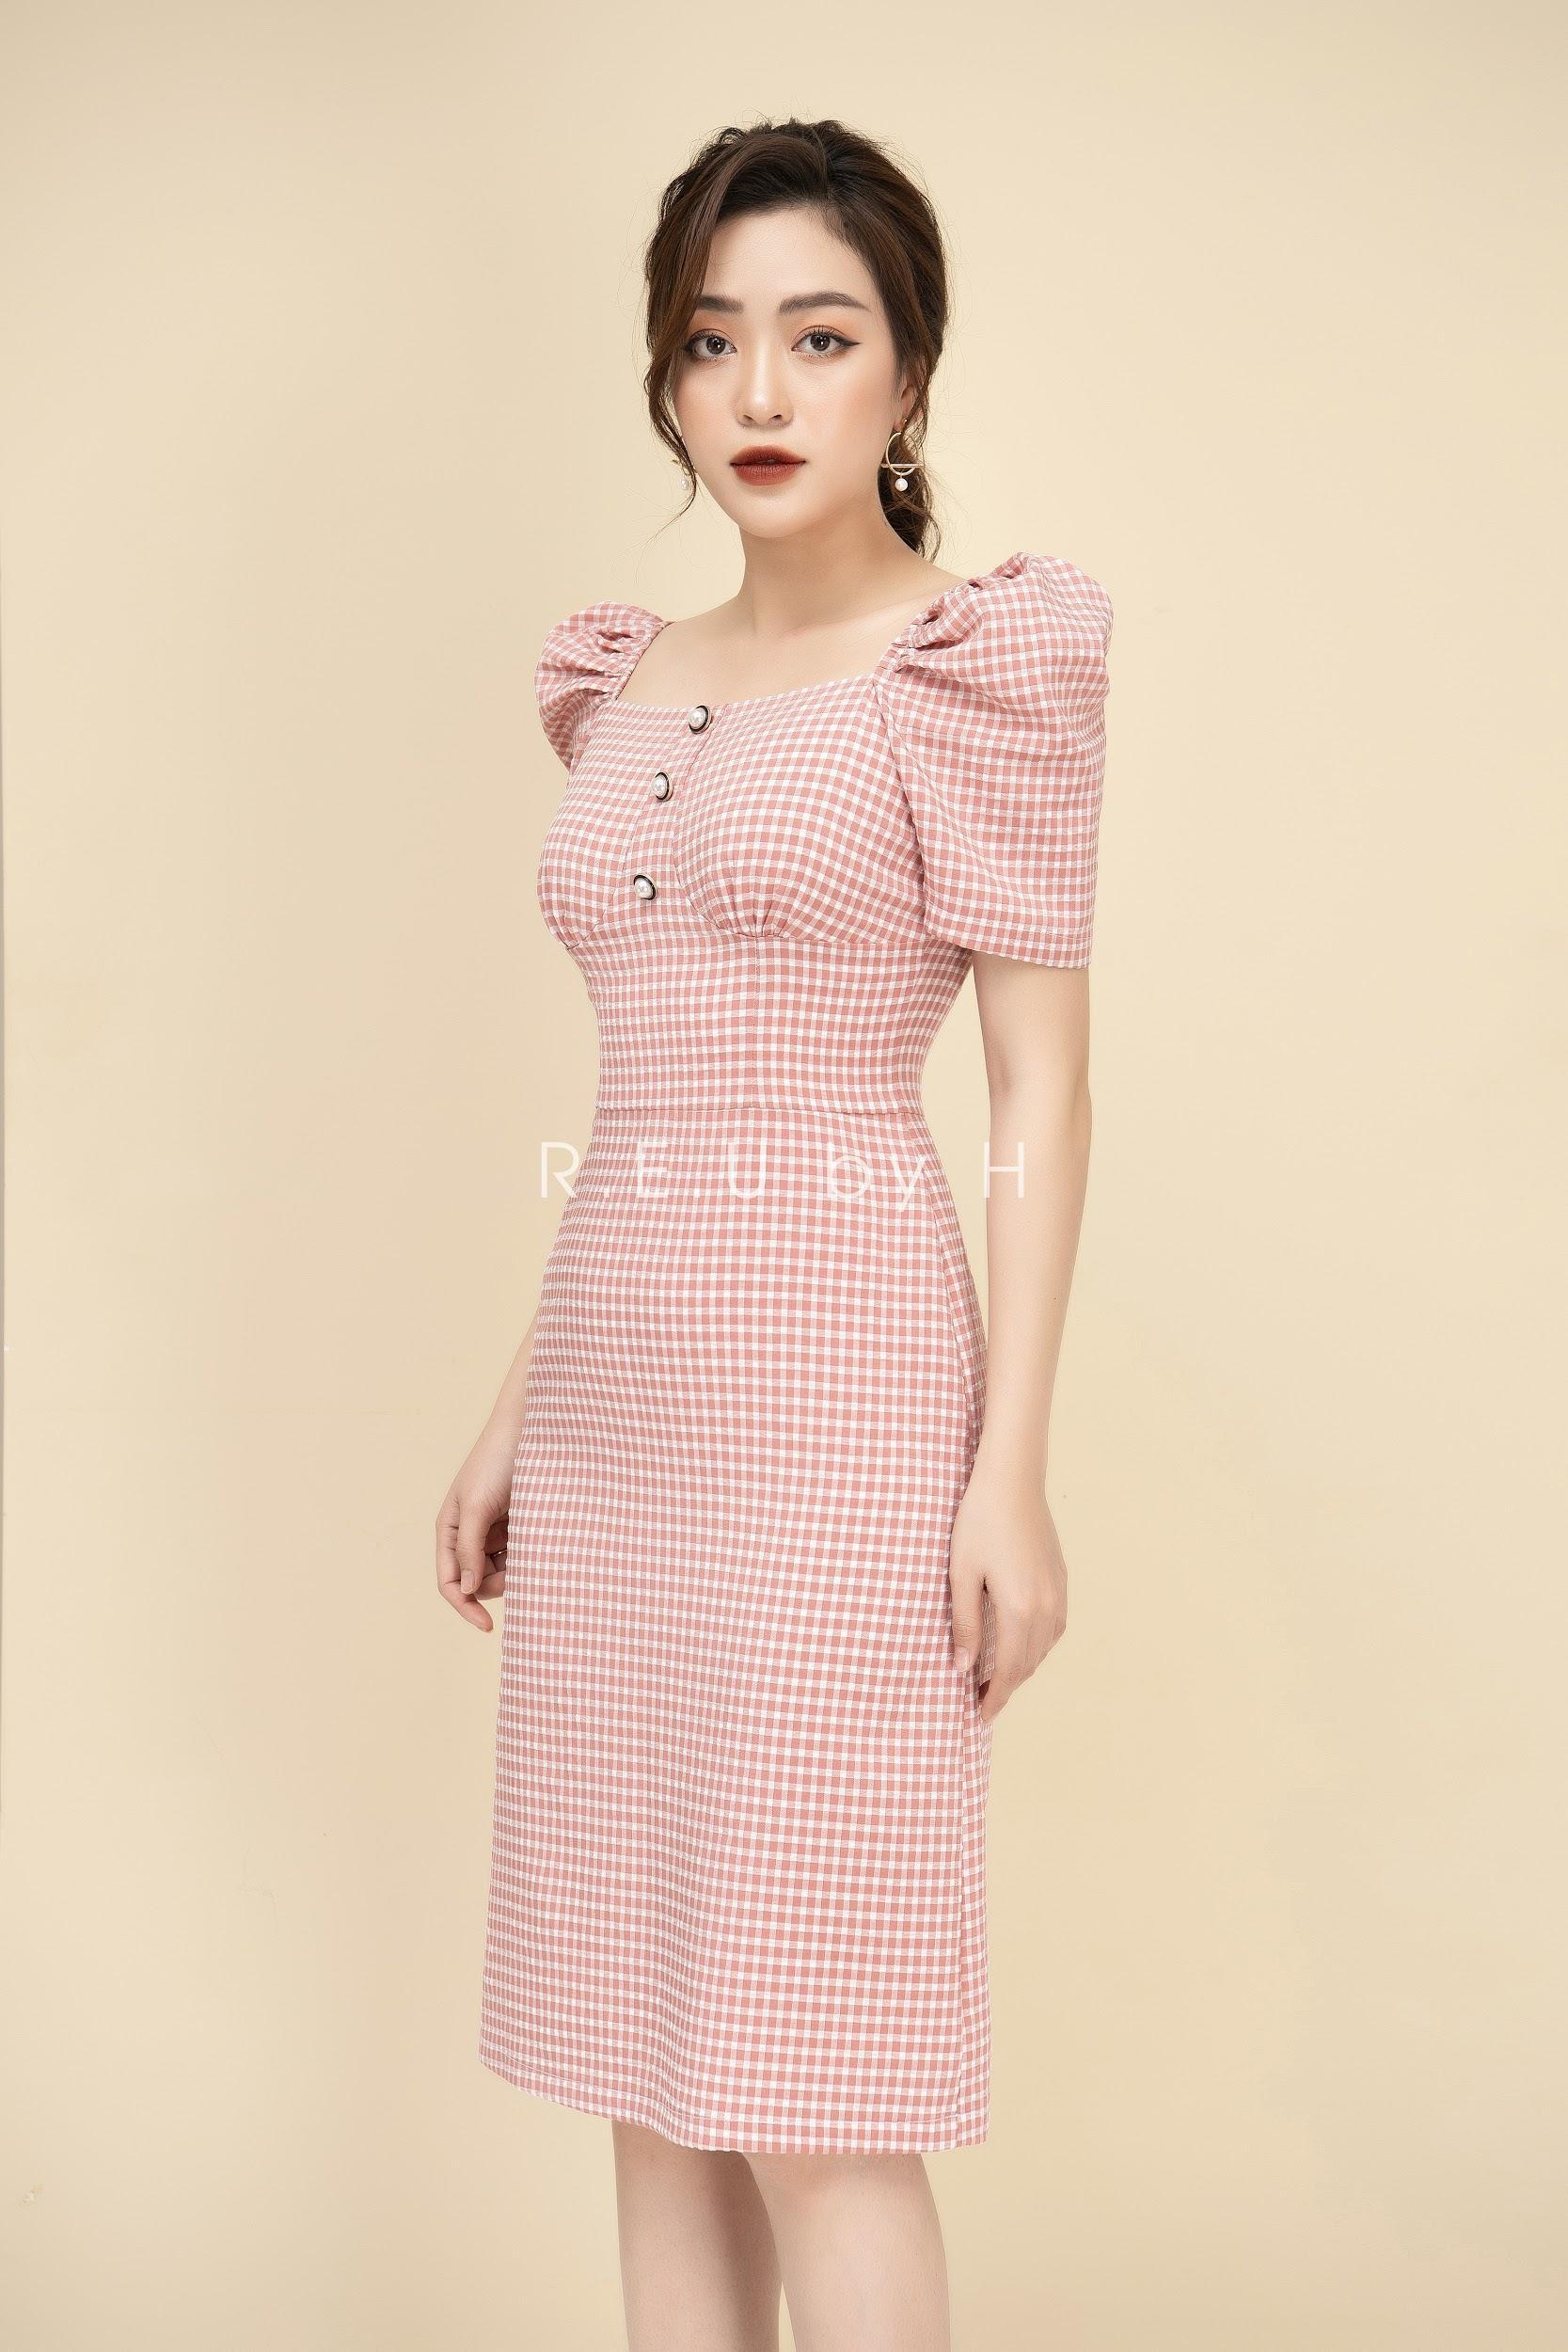 """REU Dress: đồ công sở không chỉ dừng lại ở """"formal, """"style & trend đang là xu hướng hiện nay - Ảnh 4."""